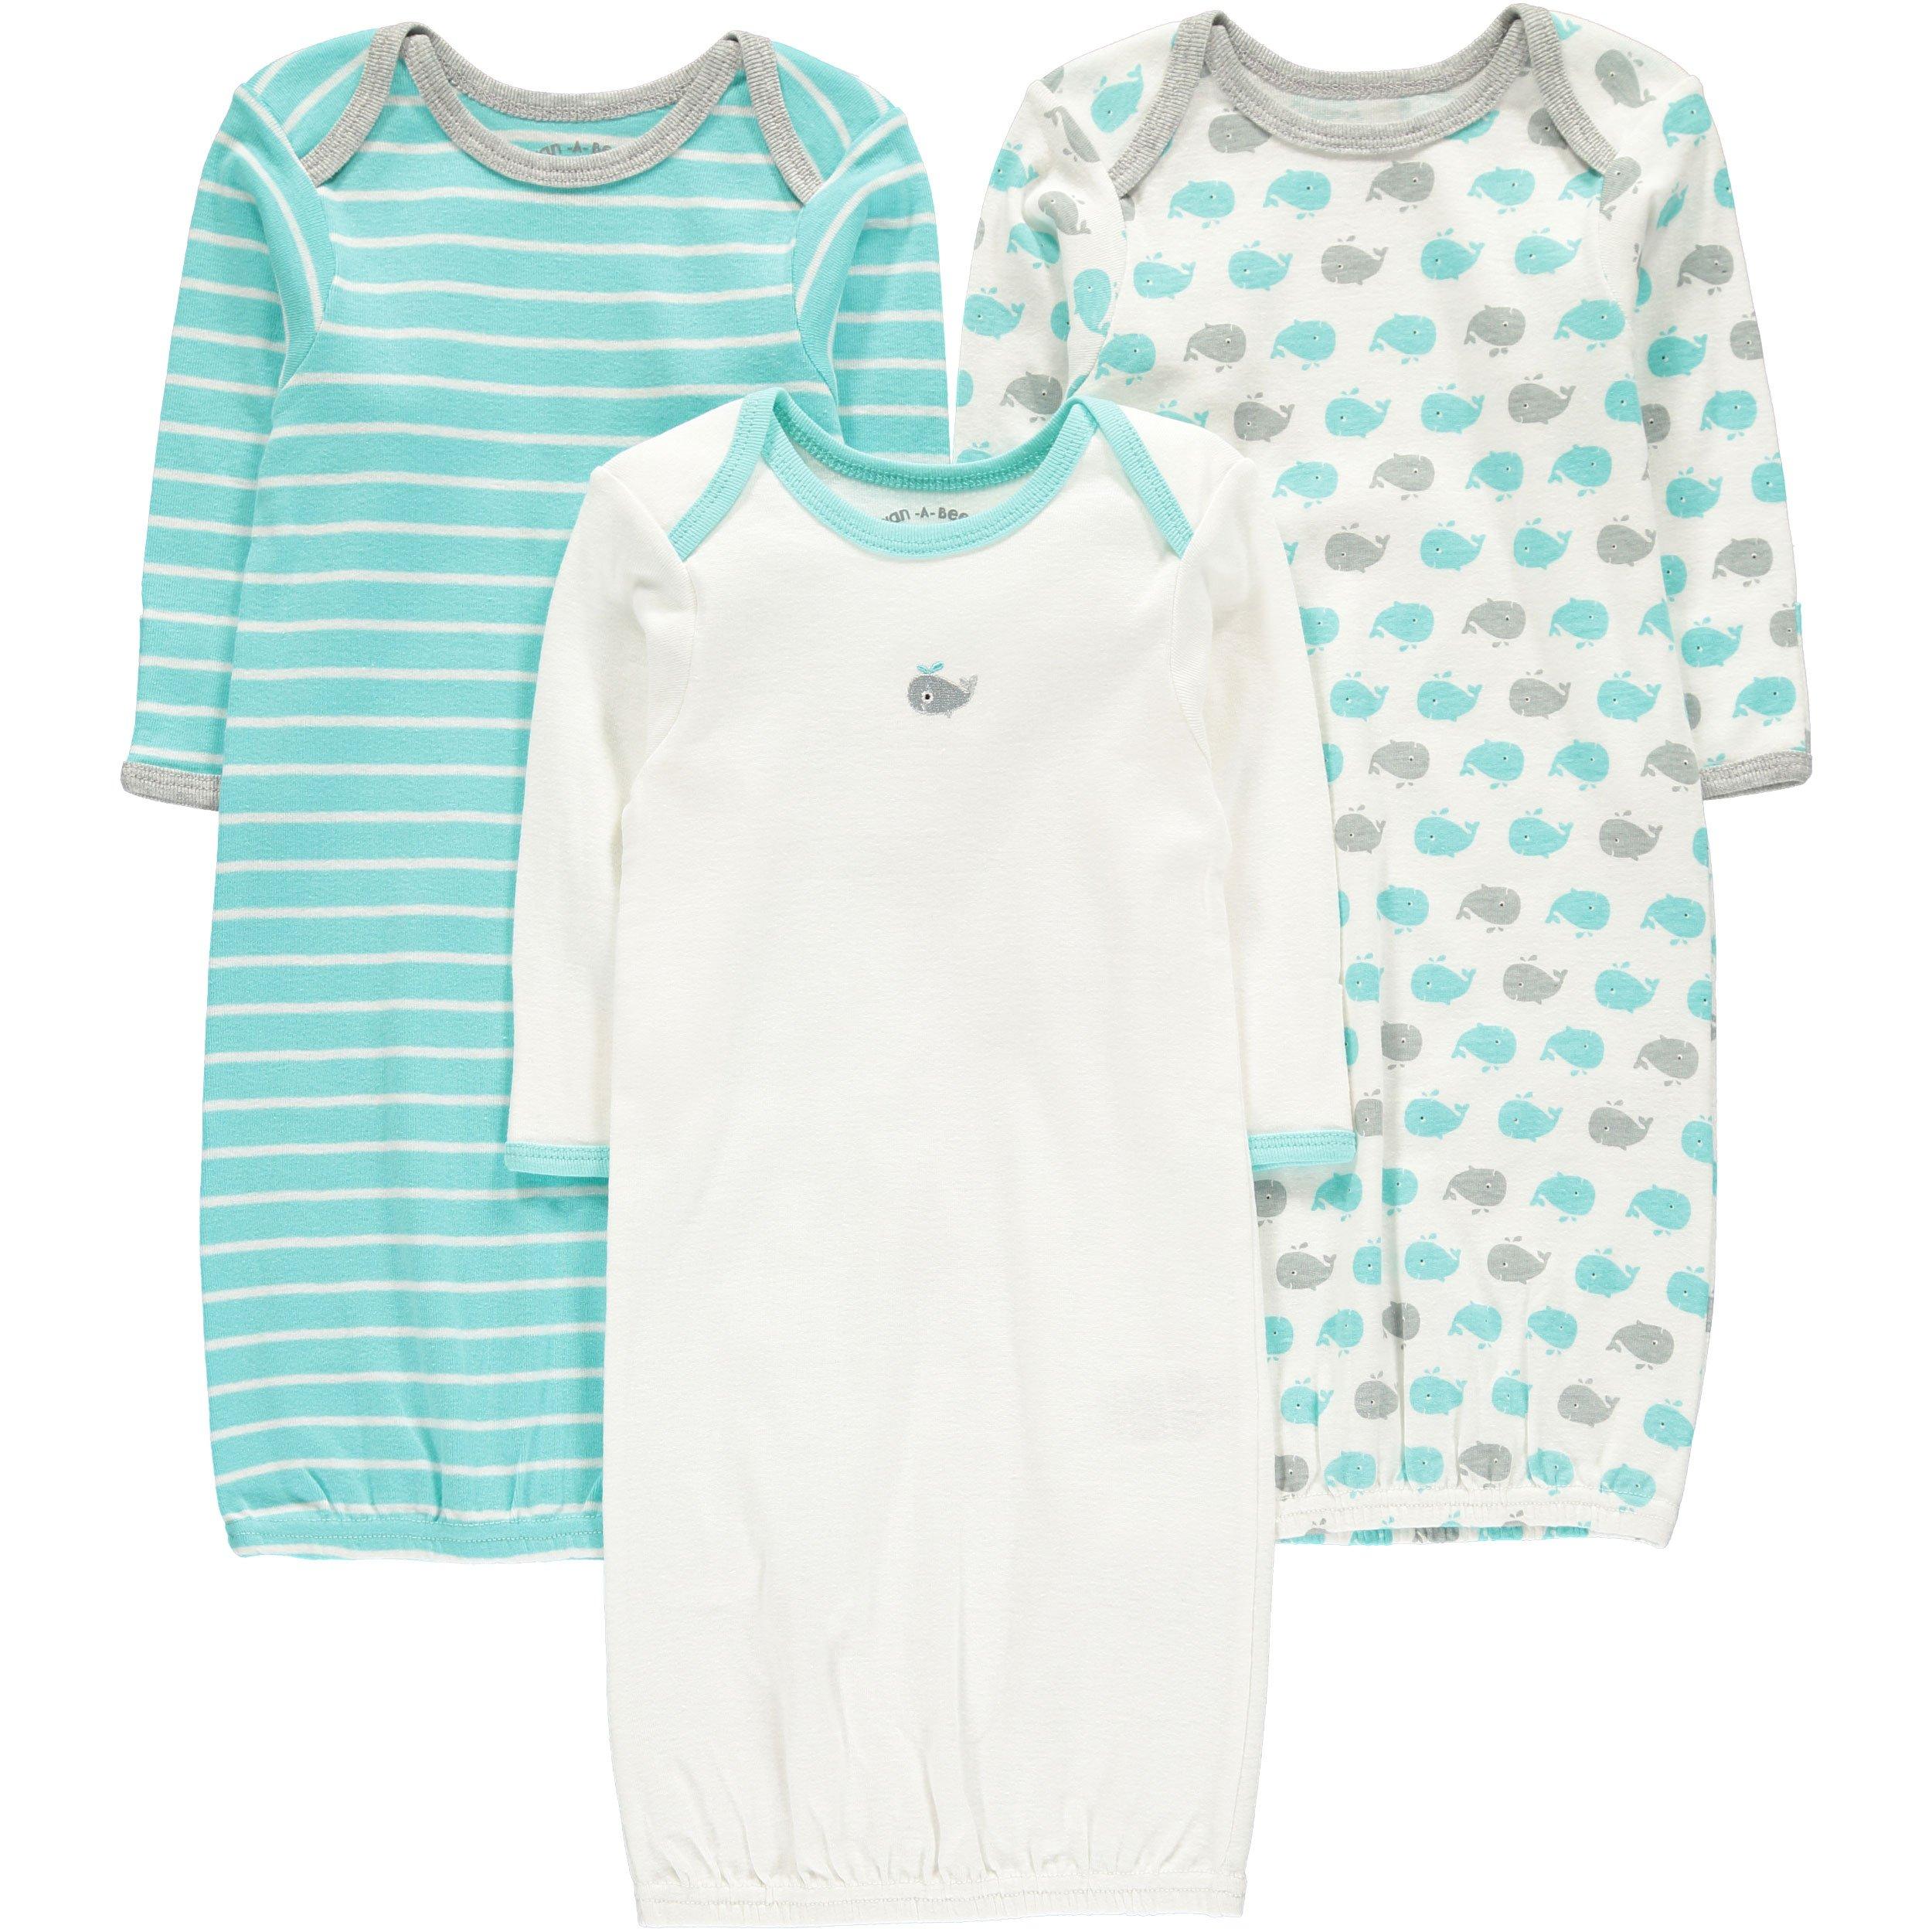 Infant Gowns: Amazon.com